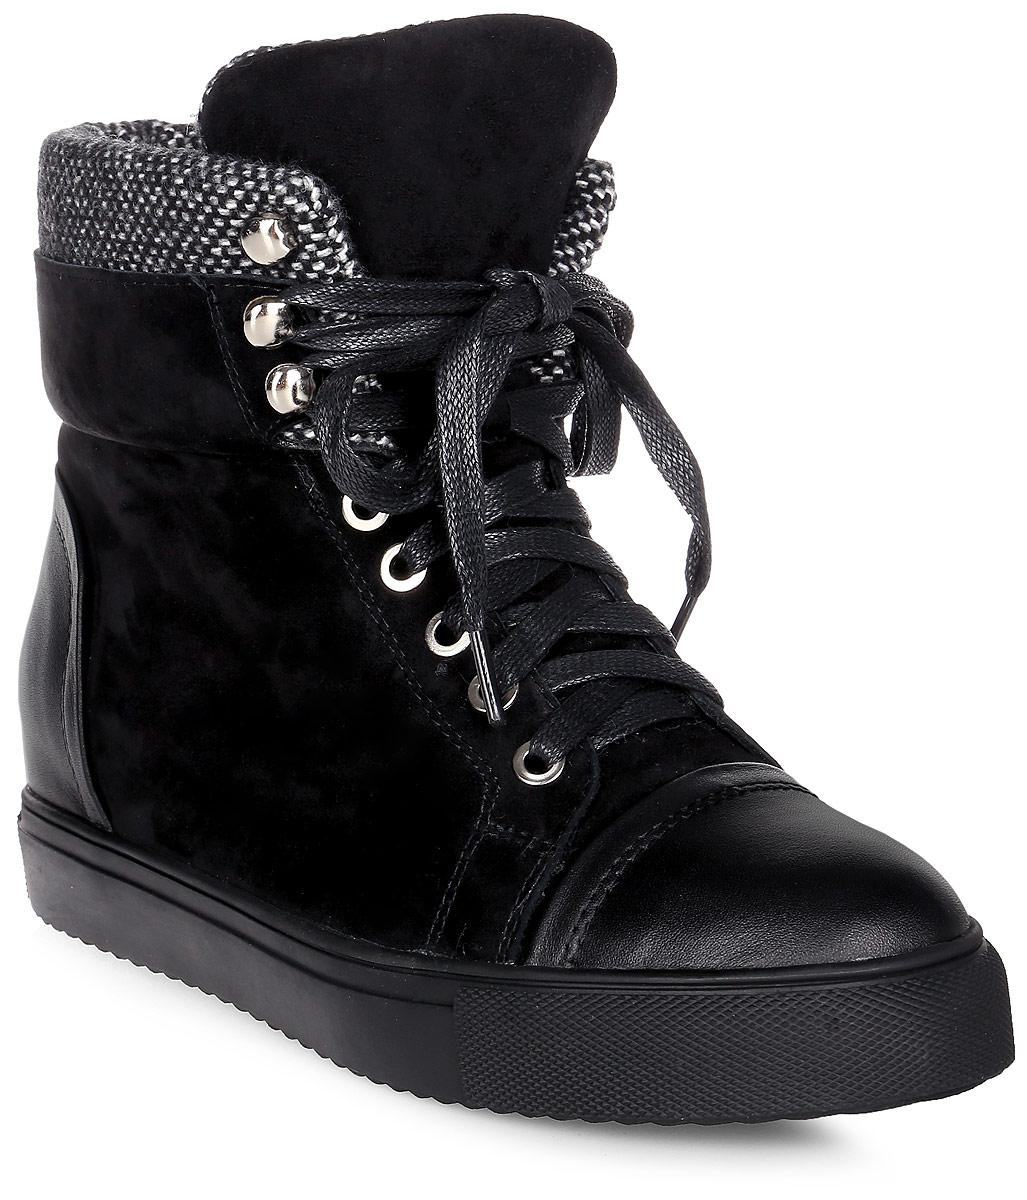 Ботинки женские Vitacci, цвет: черный. 45412. Размер 3945412Удобные женские ботинки от Vitacci изготовлены из натуральной замши. Модель выполнена с практичной шнуровкой. Практичная стелька из текстиля обеспечит комфорт при носке. Подошва дополнена рифлением.